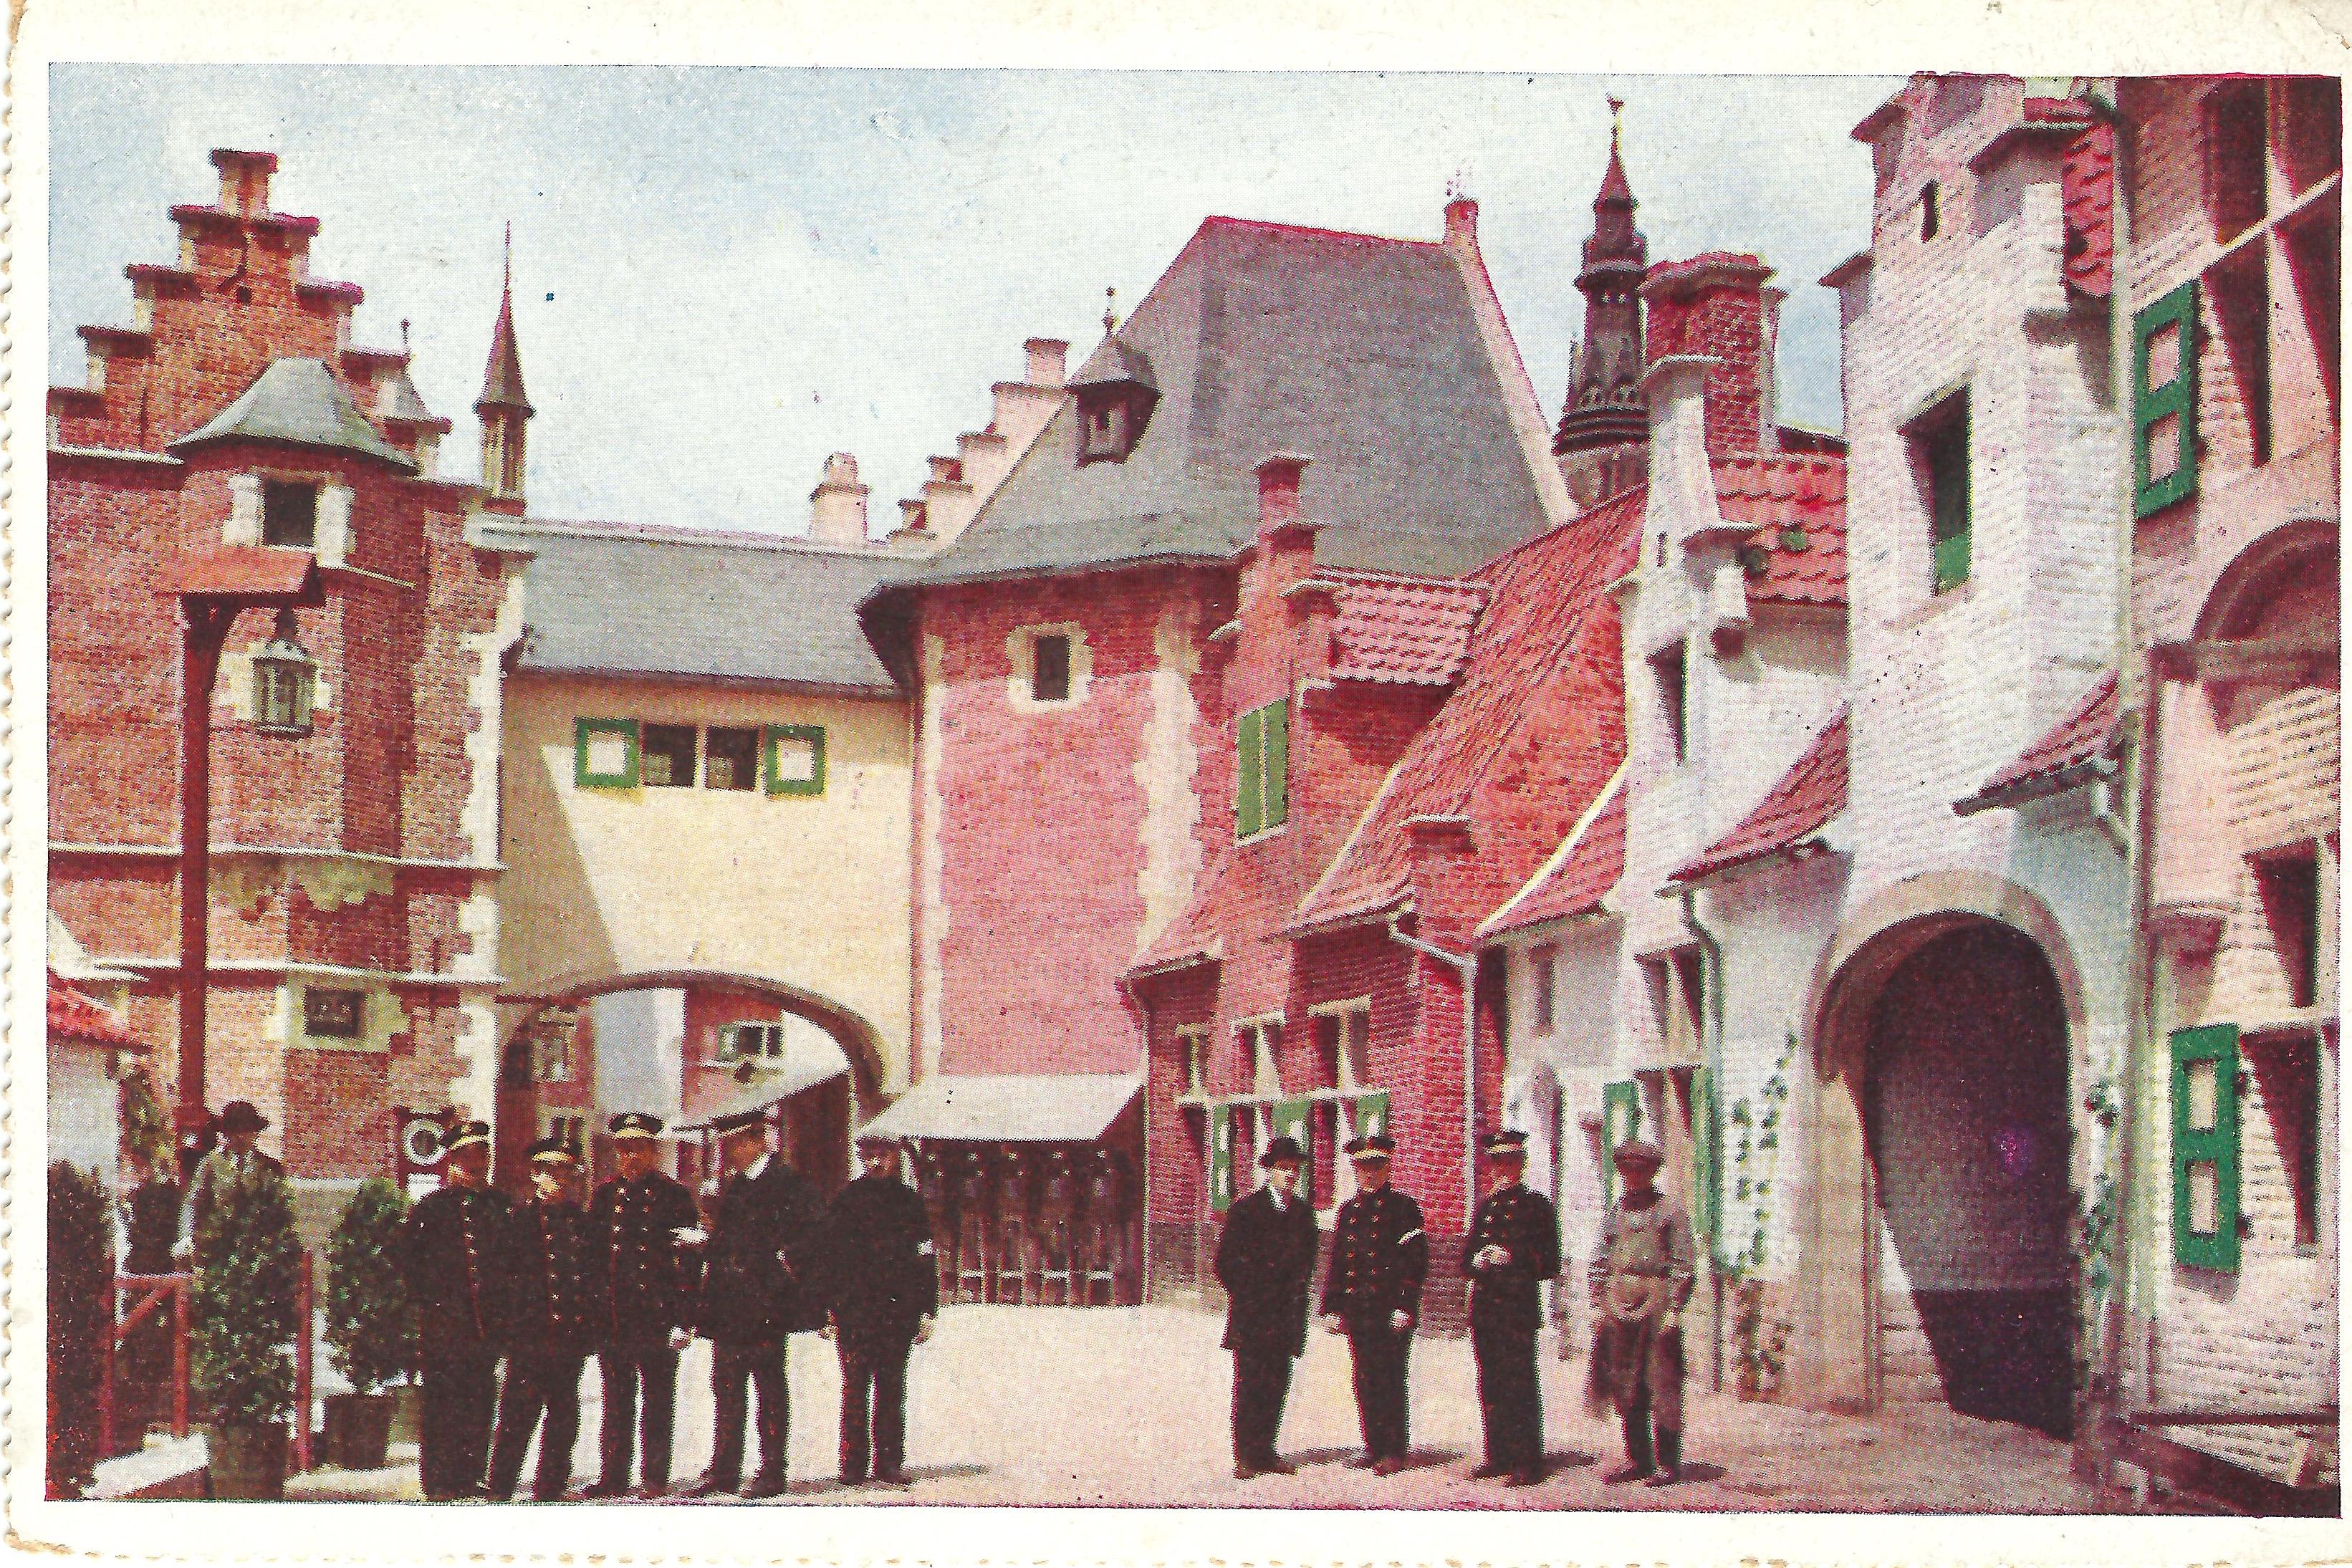 Exposition Internationale et Universelle de Grand 1913 Vieliless Flandres Rossel et Fils, Bruxelles